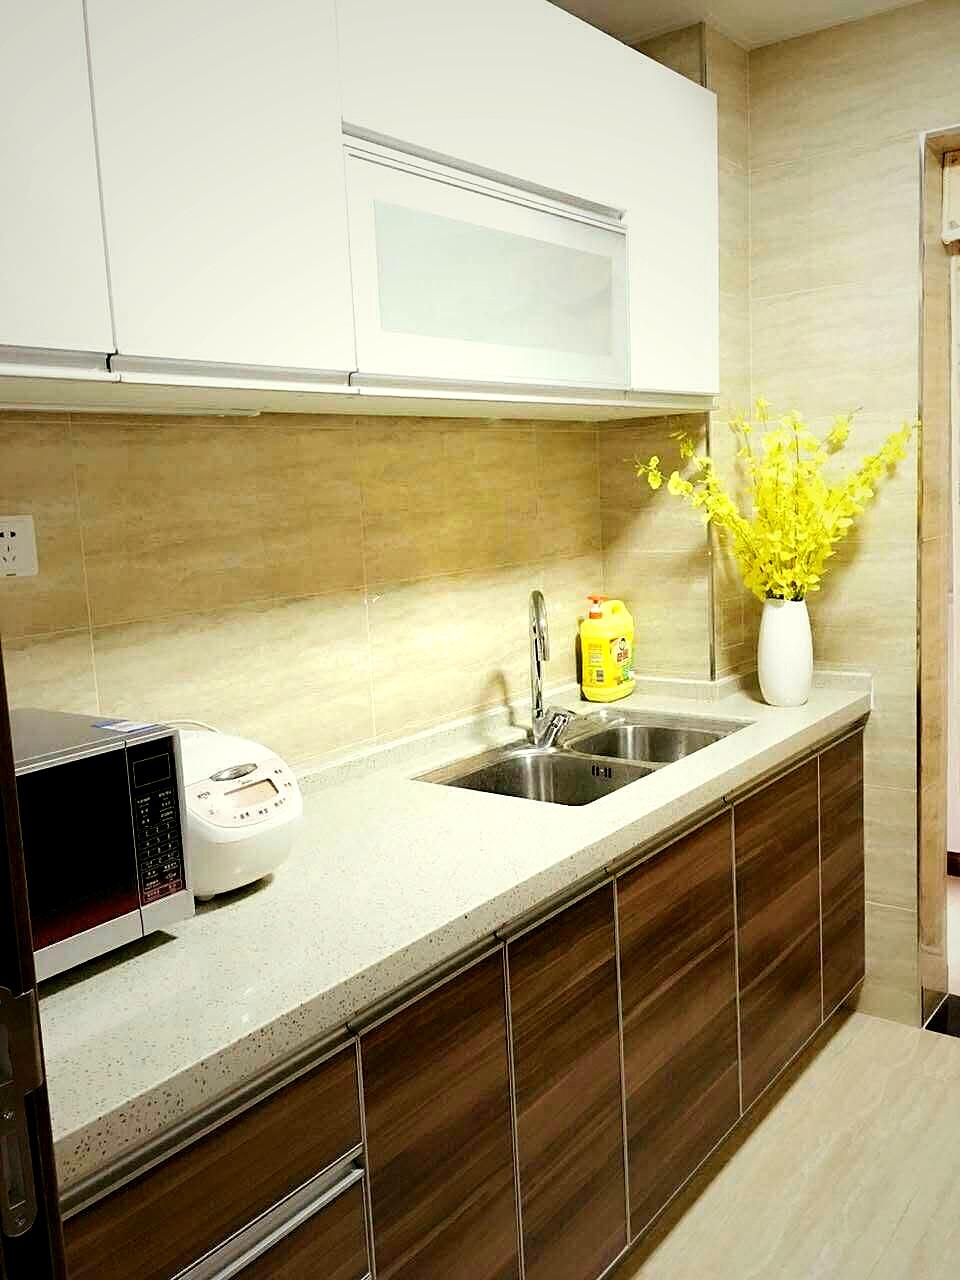 白色石材台面,延伸出来胡桃木色橱柜,白色吊柜完全利用到厨房空间,收纳功能完全没问题。